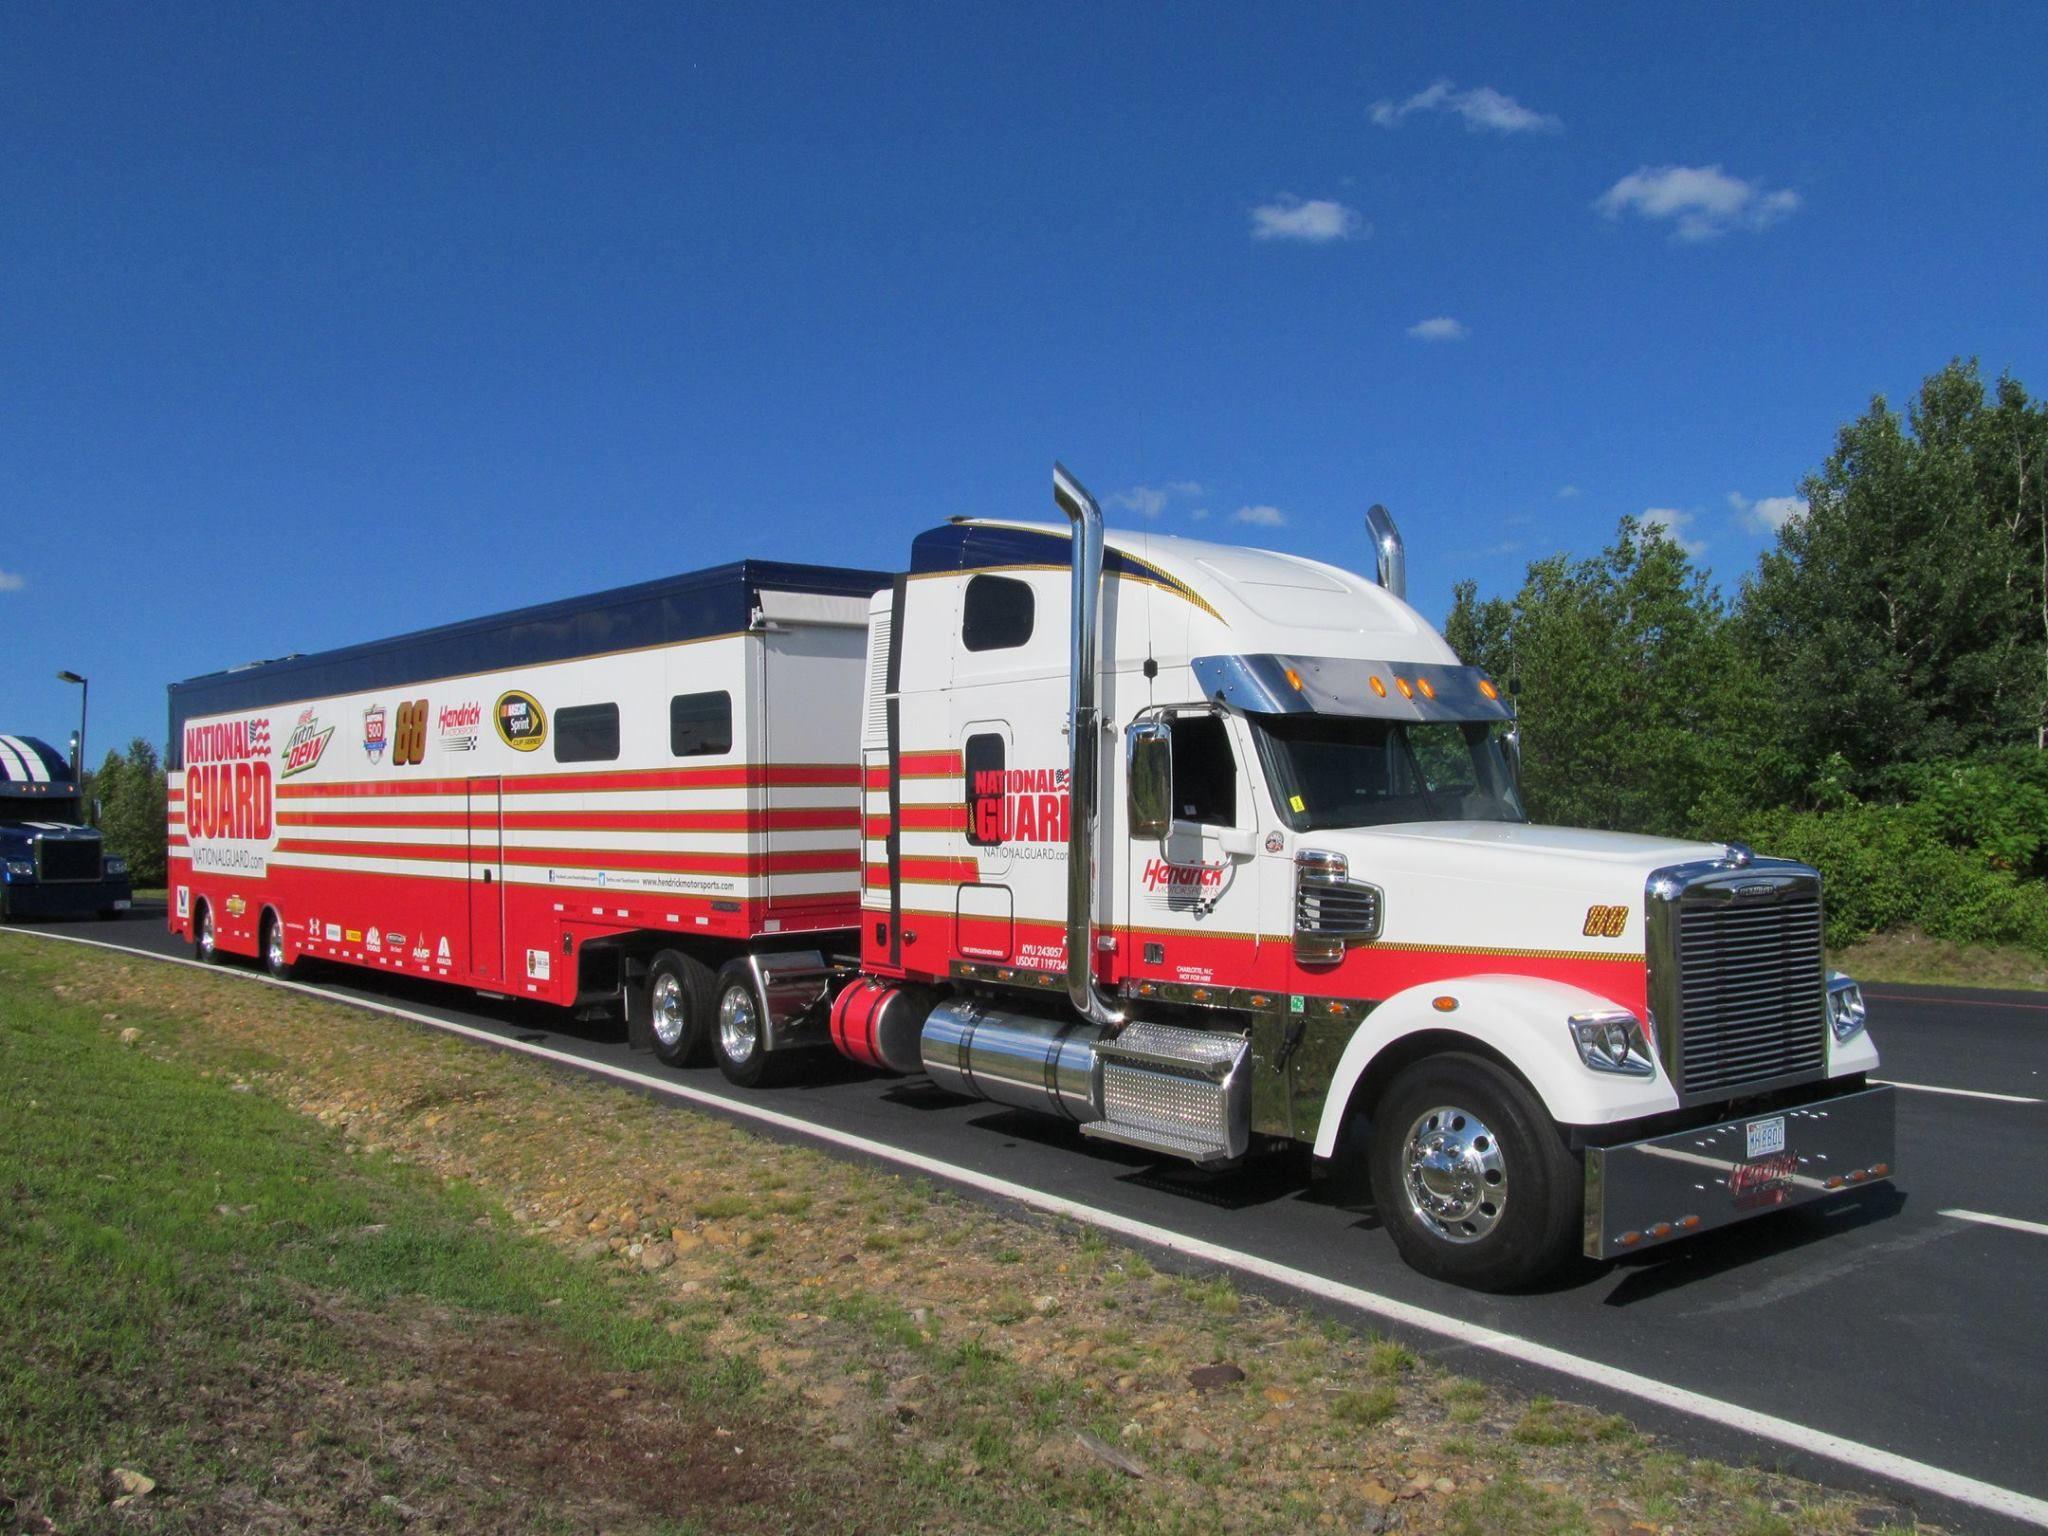 Freightliner, National Guard, Hendrick Motorsports, NASCAR